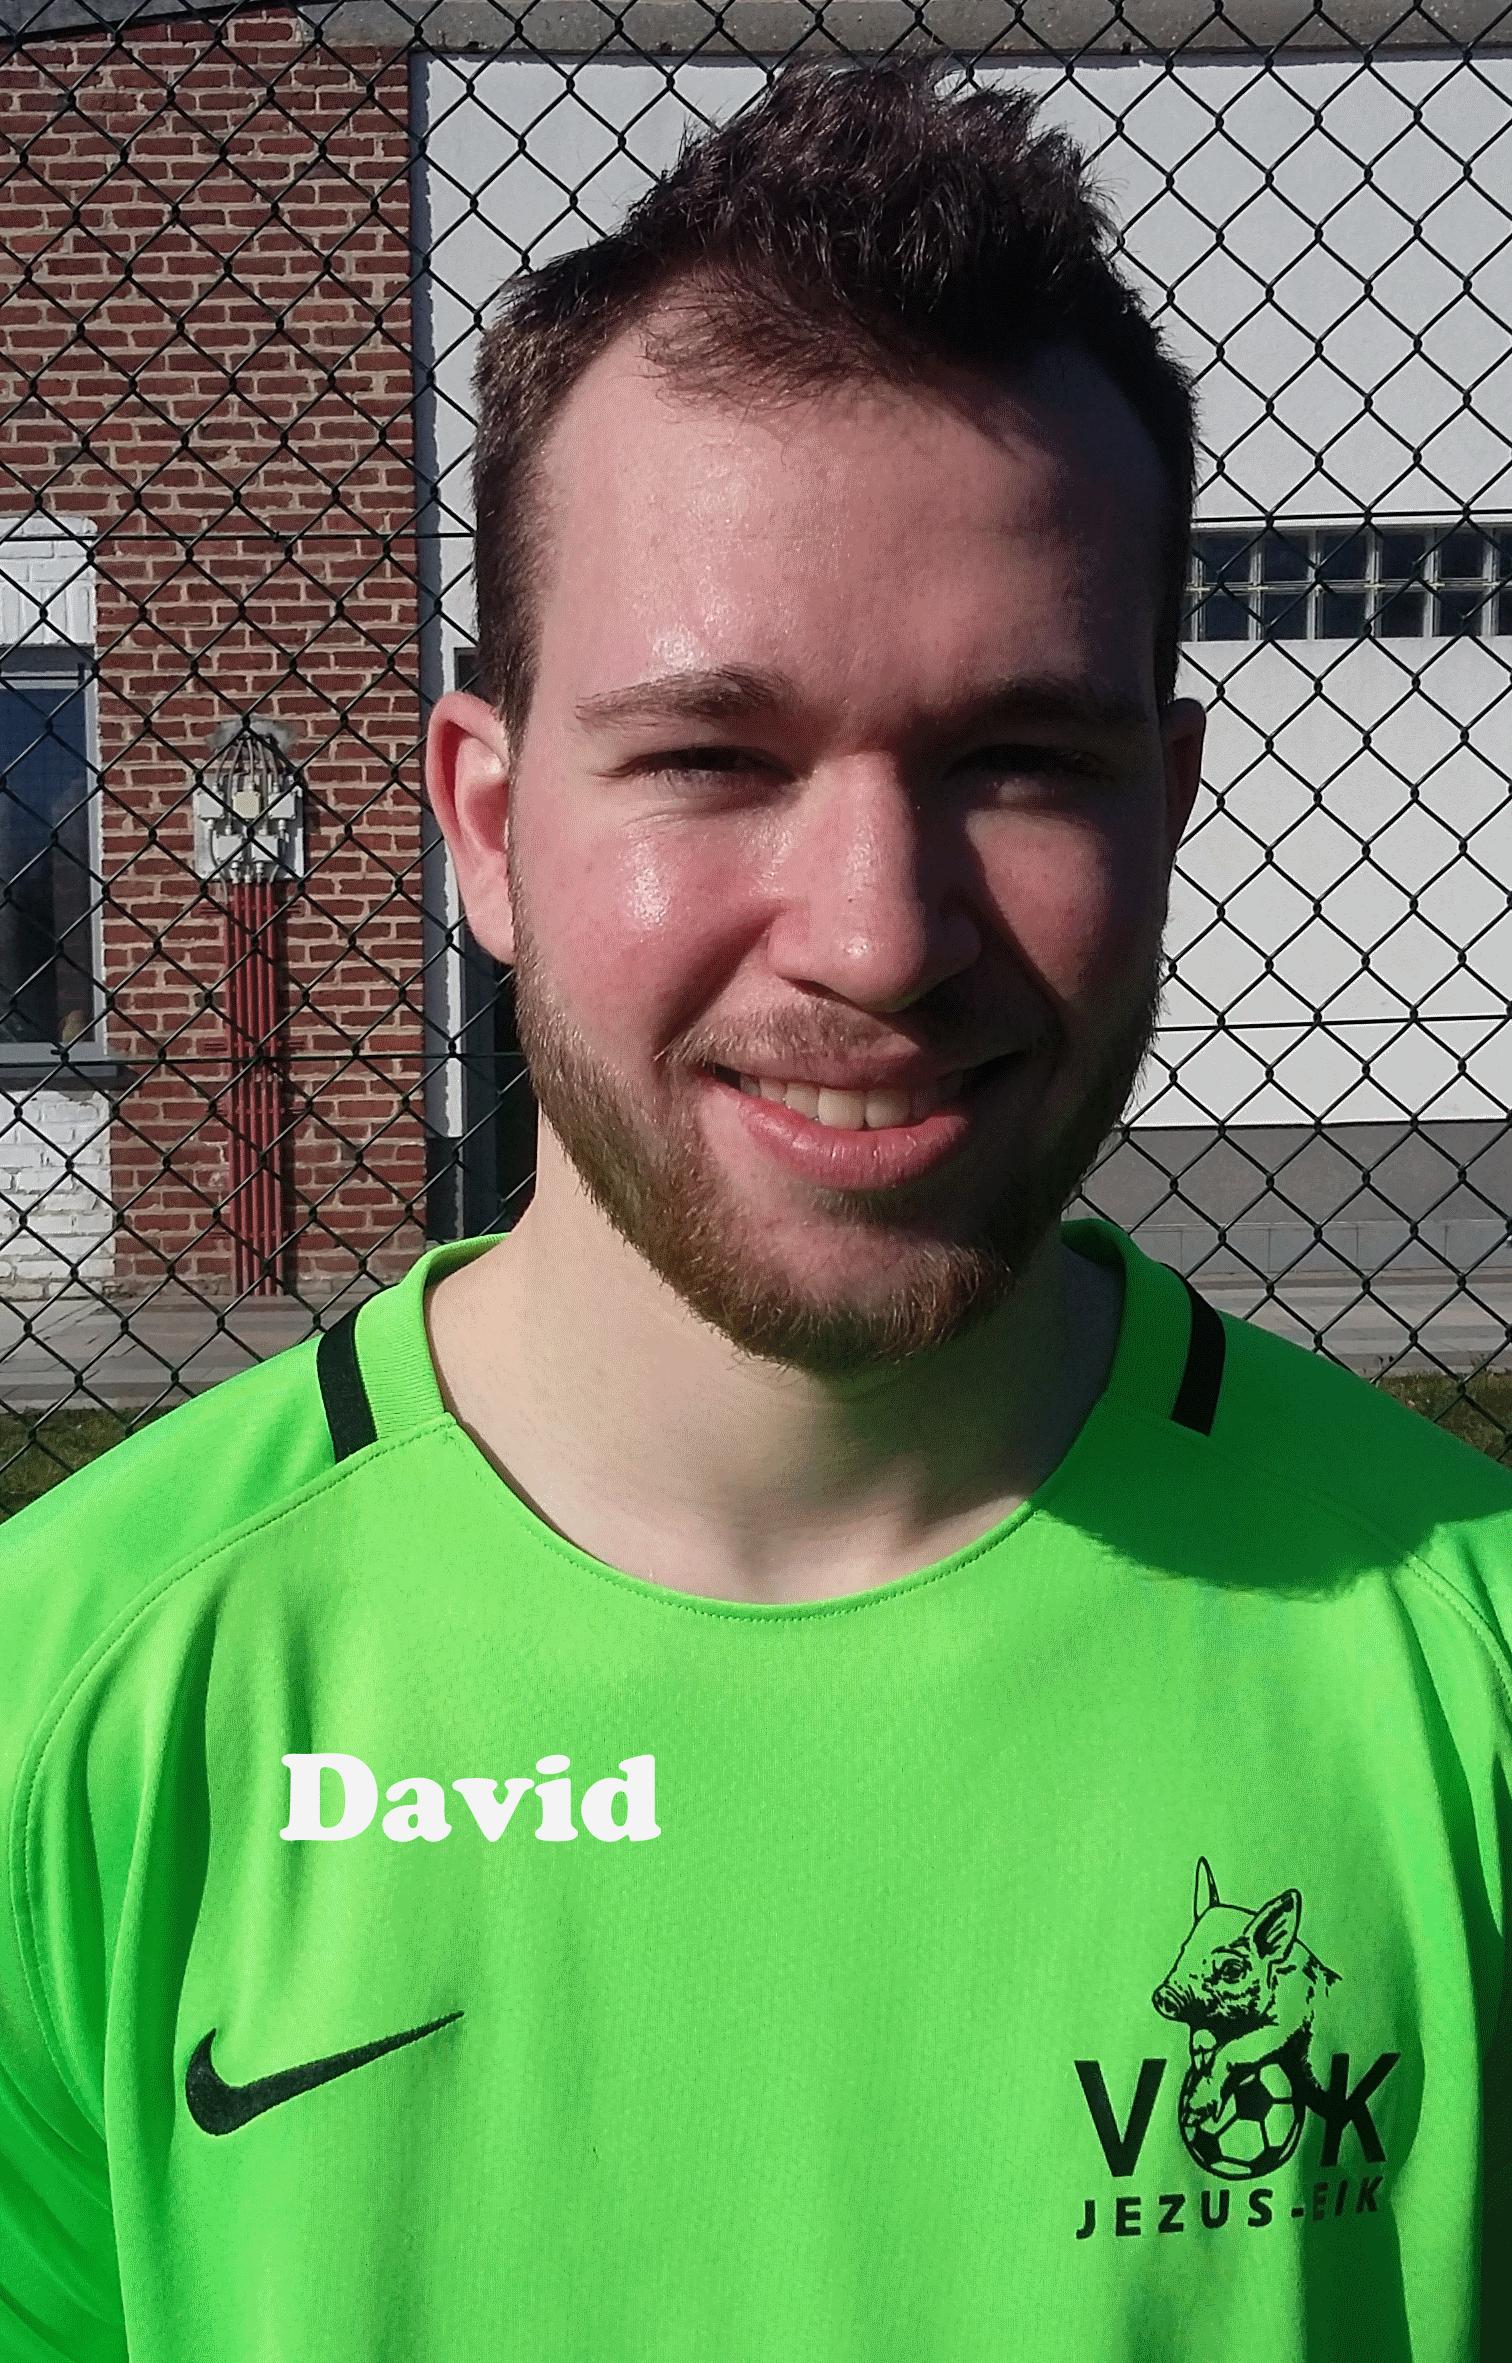 Davidkeep